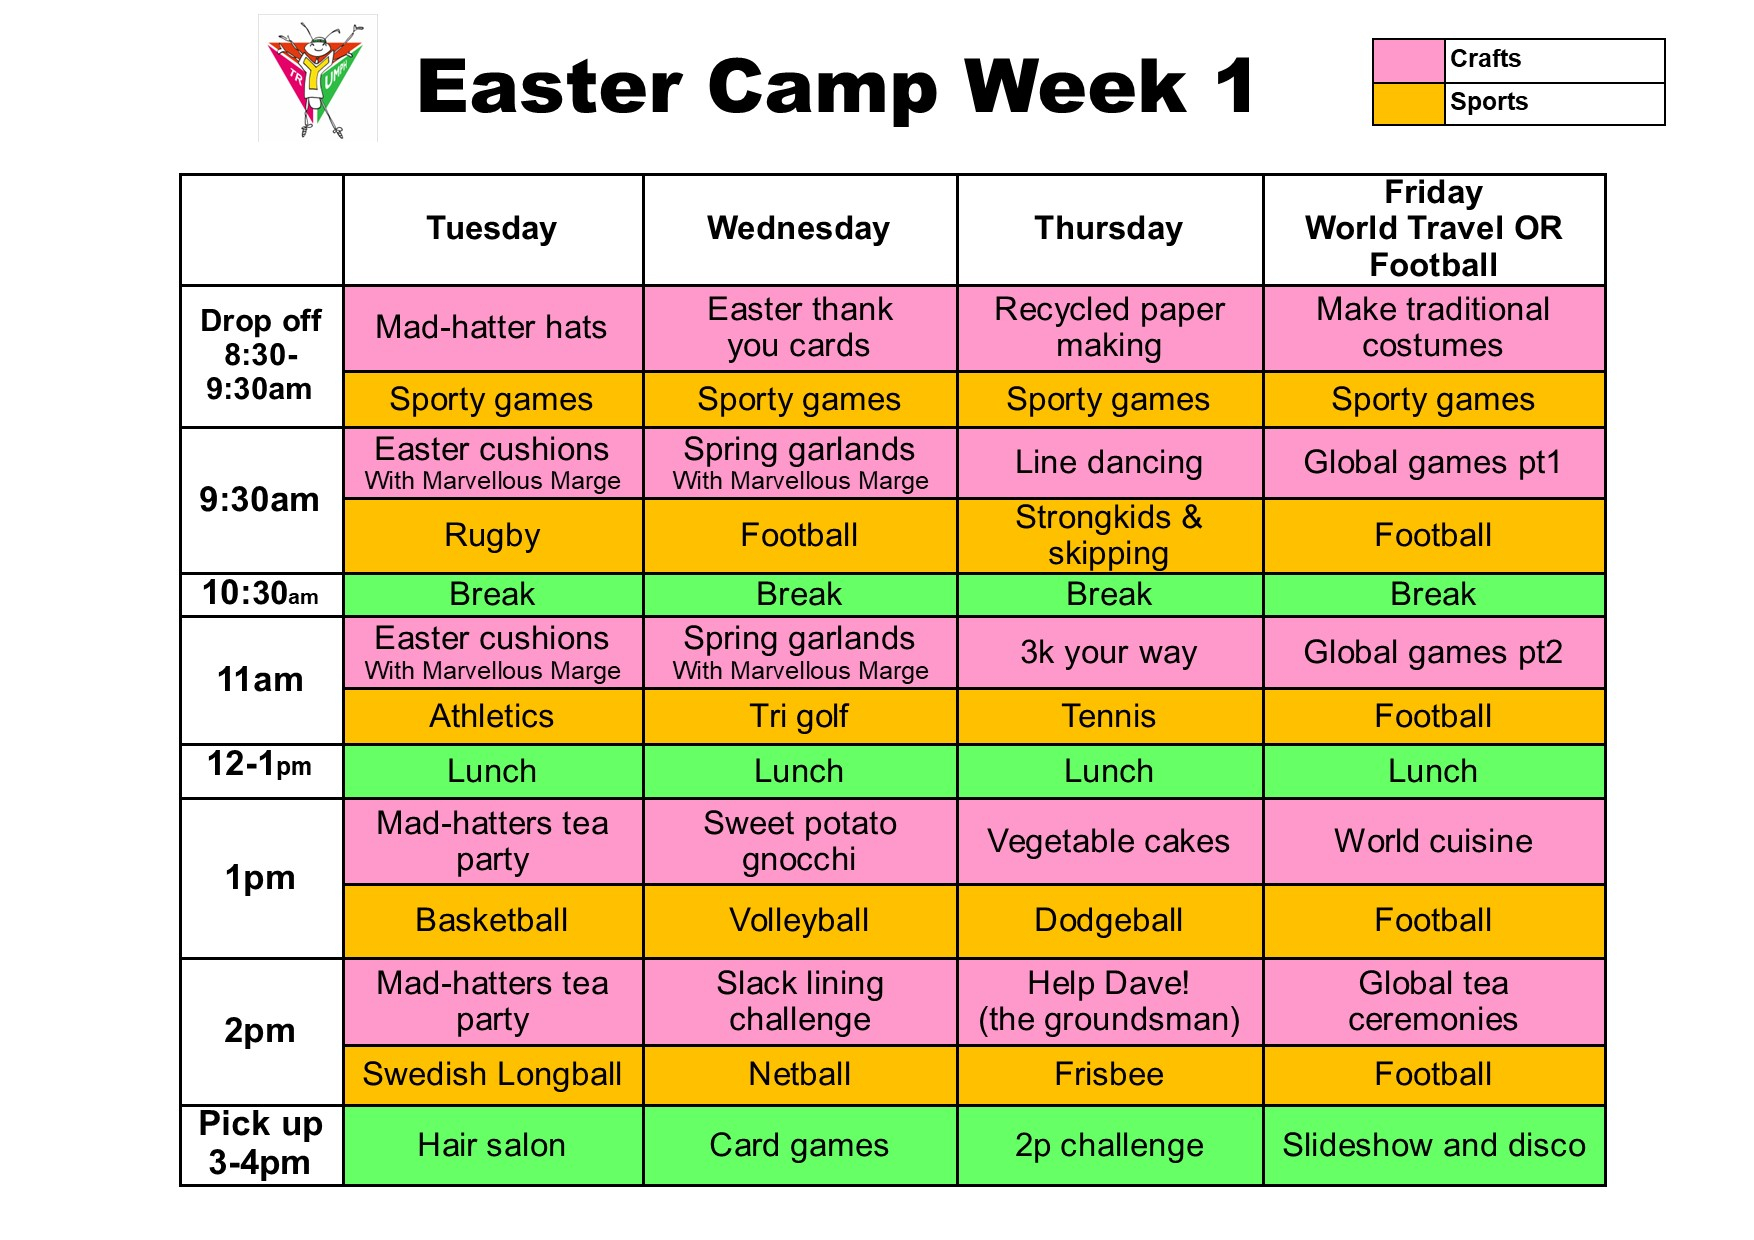 Easter camp schedule week 1 2021